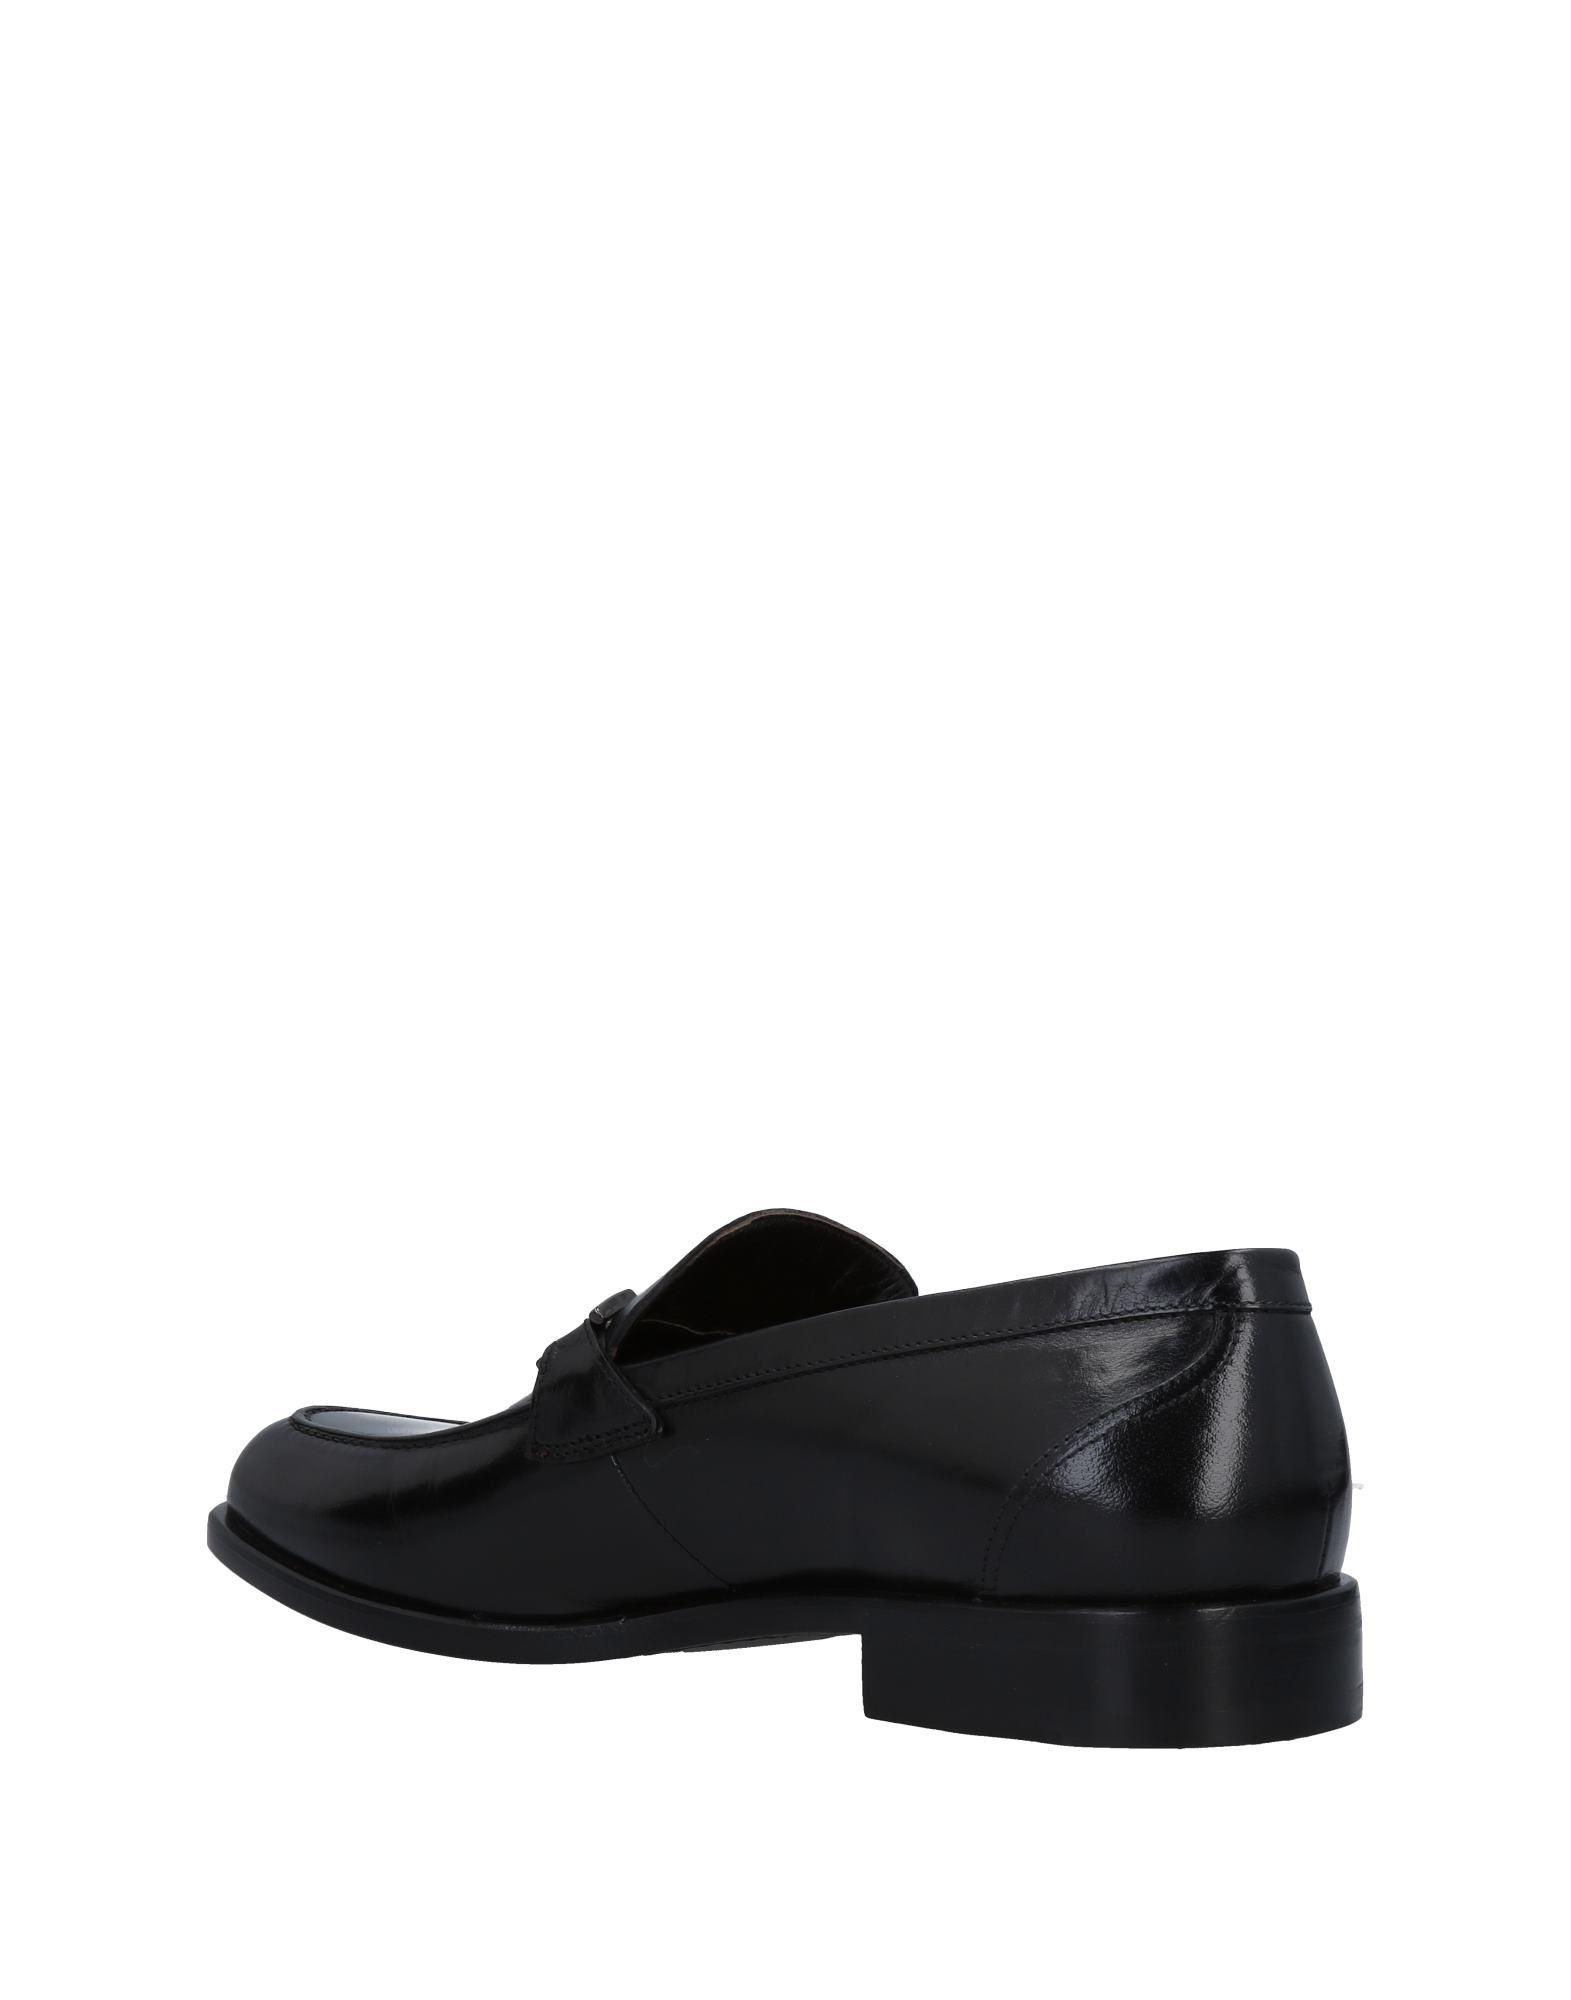 Bruno Magli Mokassins Herren  Schuhe 11490678PO Gute Qualität beliebte Schuhe  e8f14e